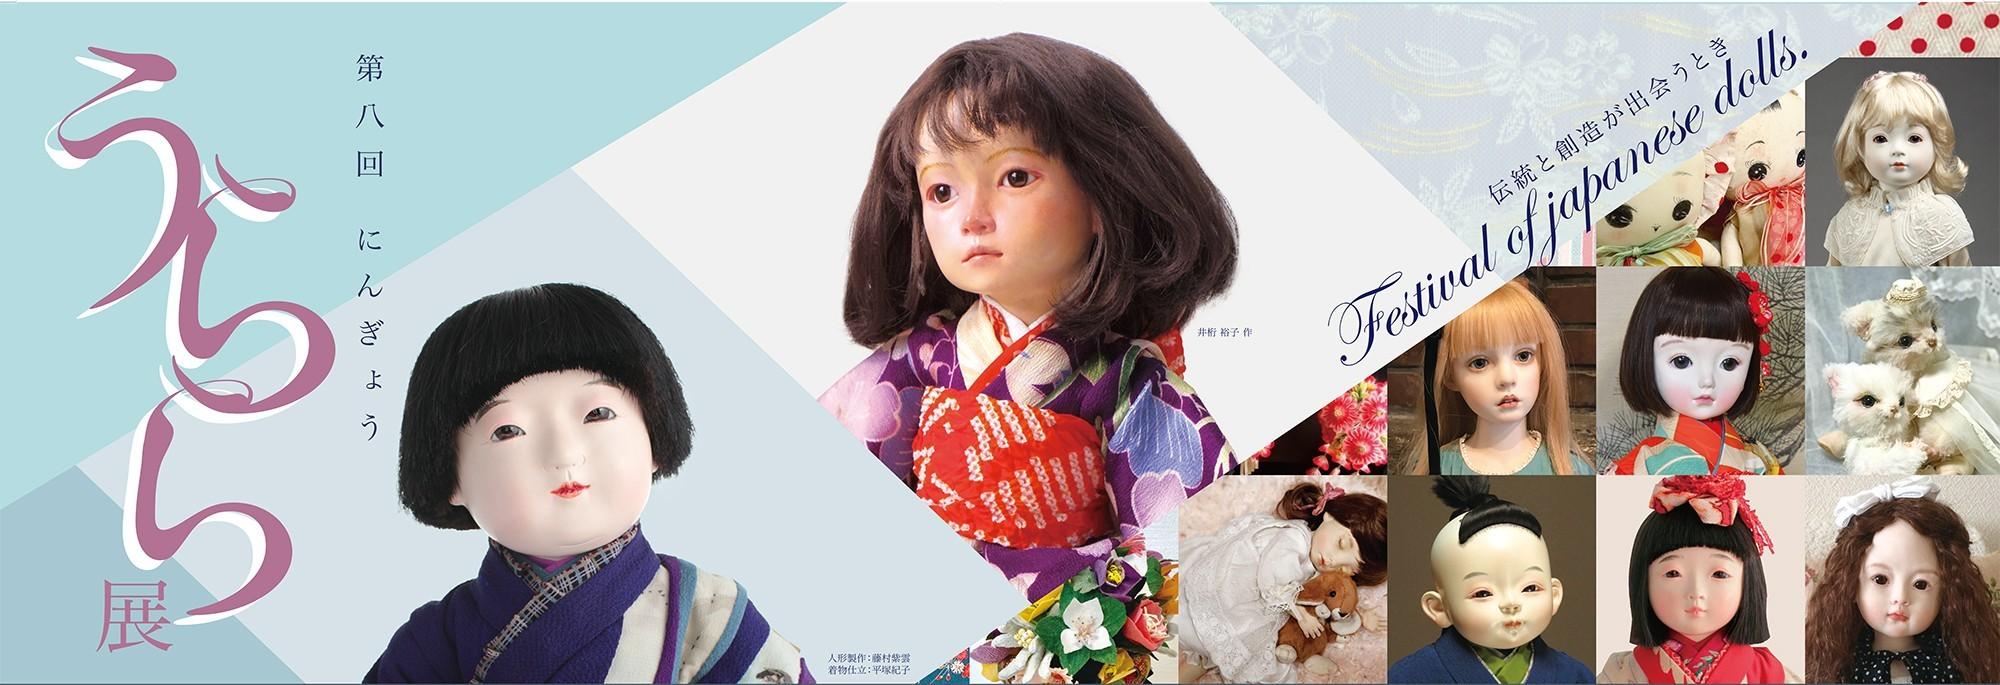 銀座人形館 Angel Dolls「秋の和人形展」始まりました。_d0079147_16310873.jpg